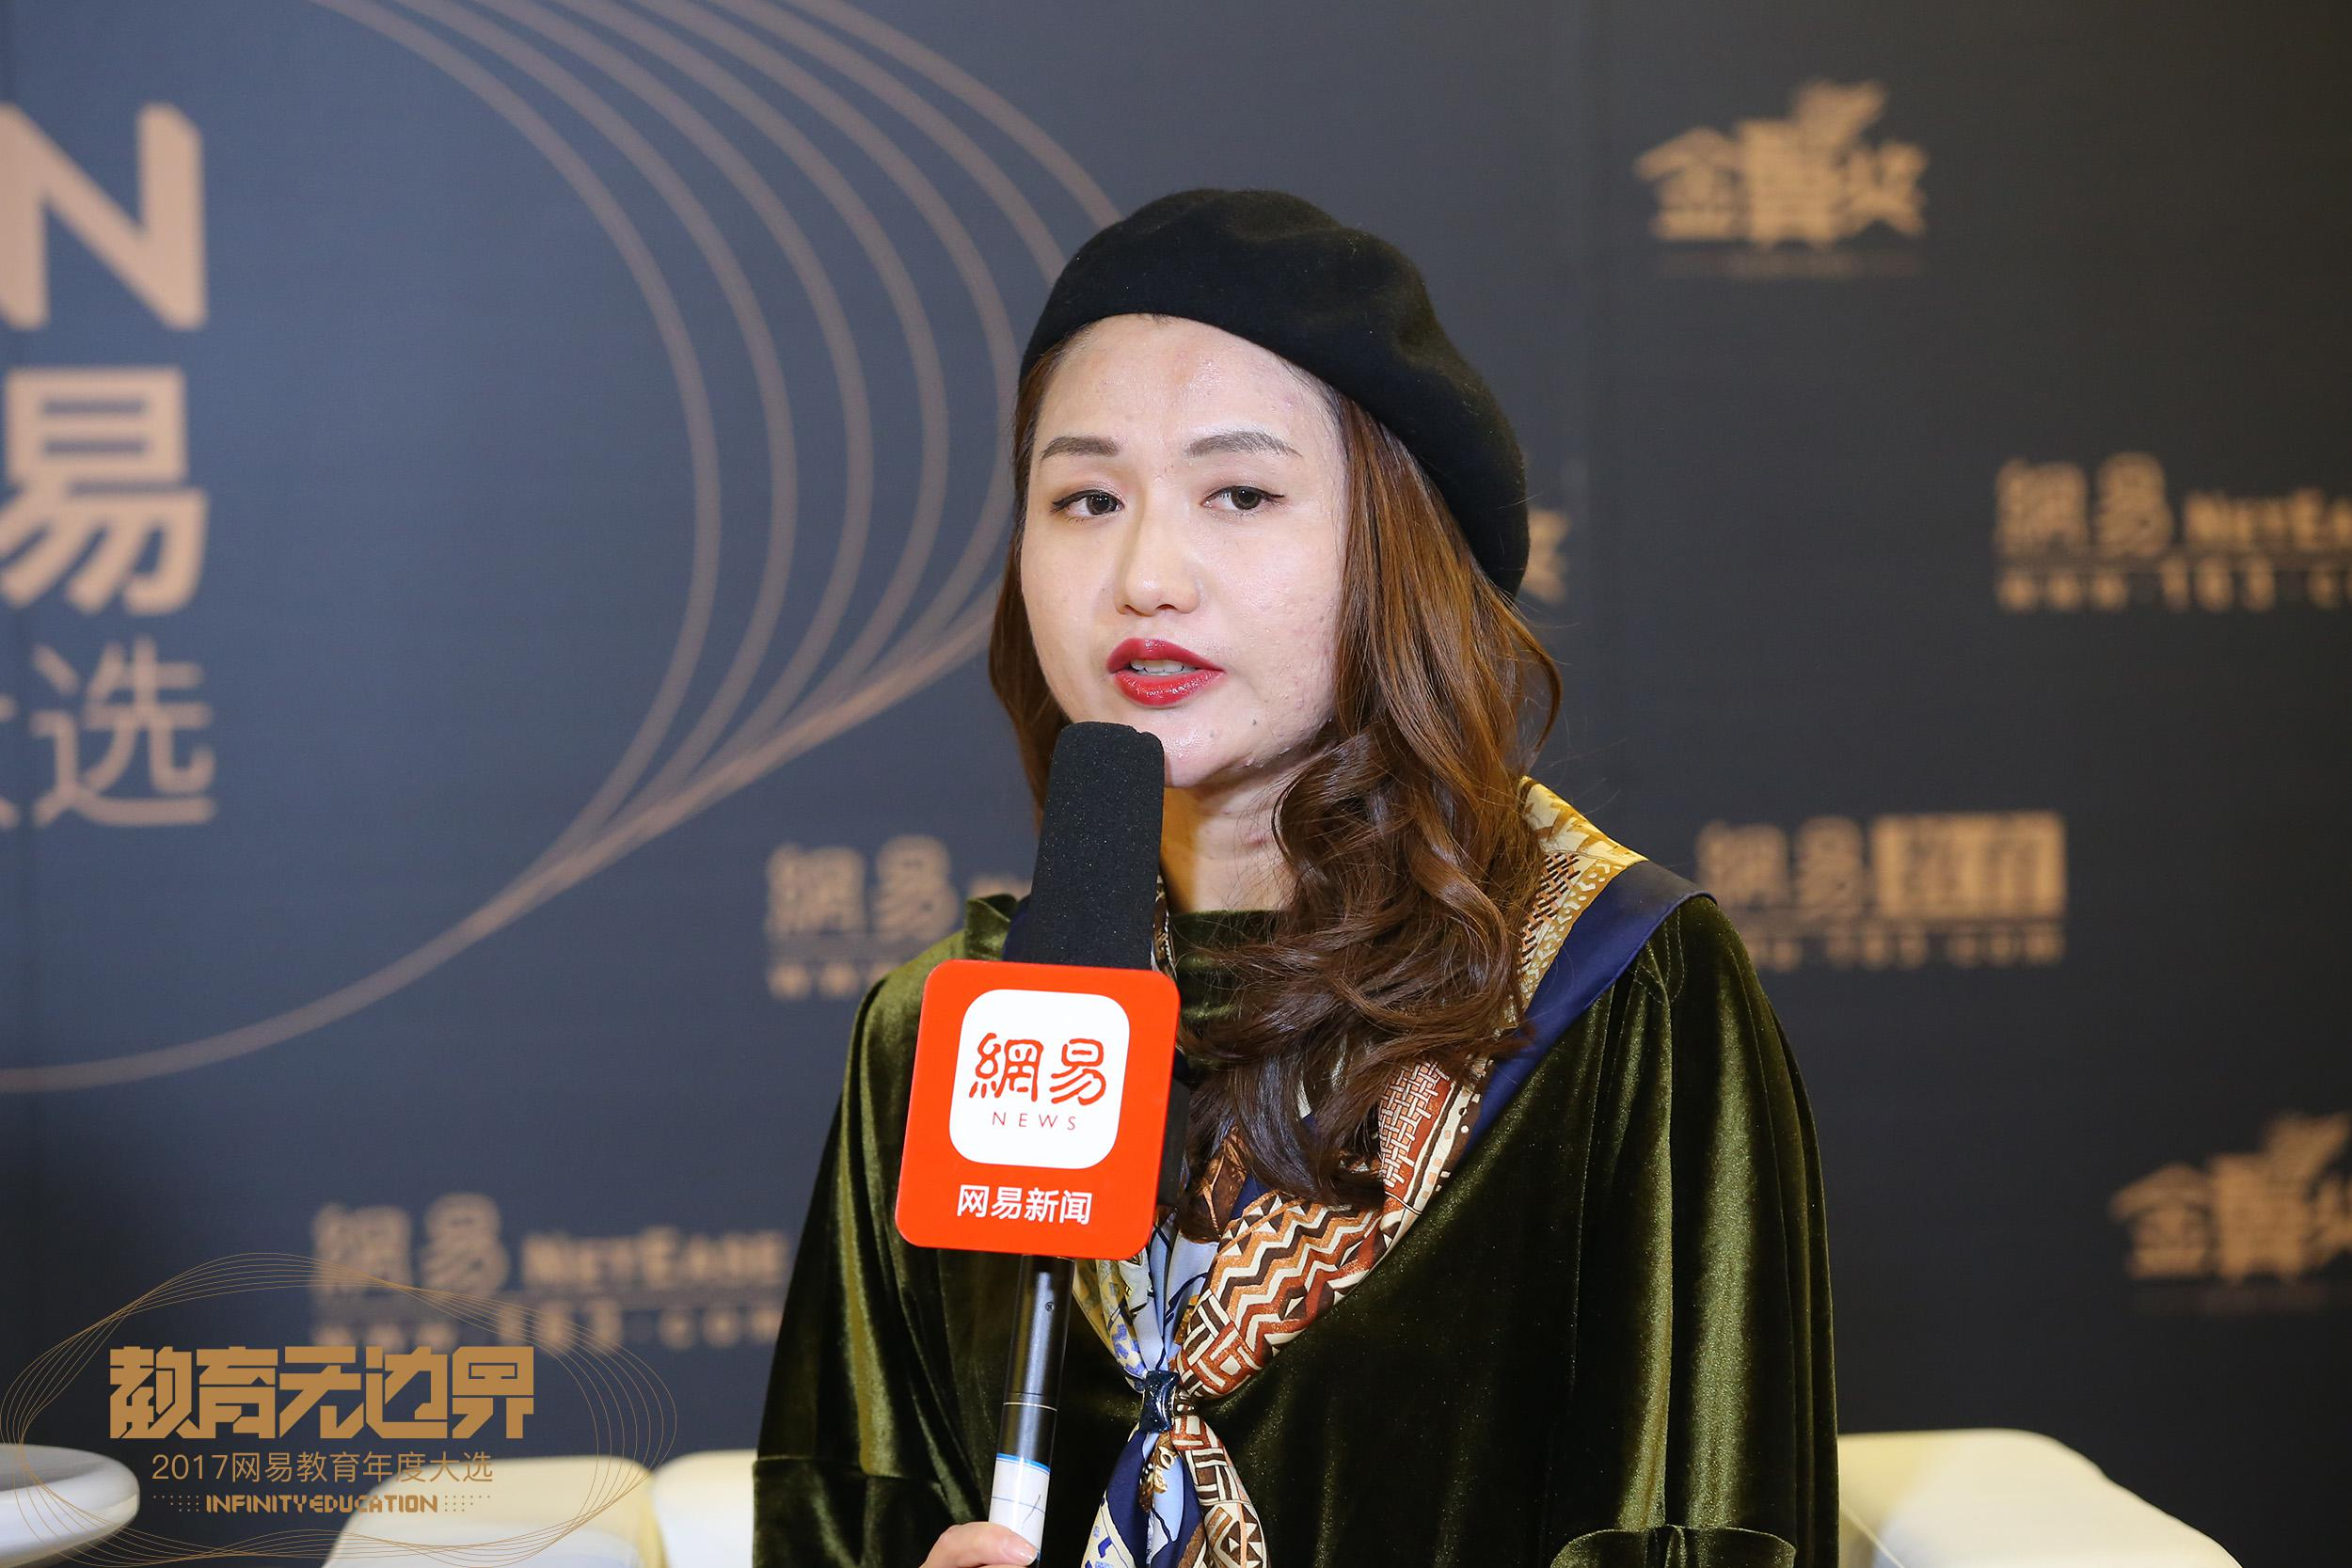 友邻优课陈颖:让更多中国人在世界舞台发声